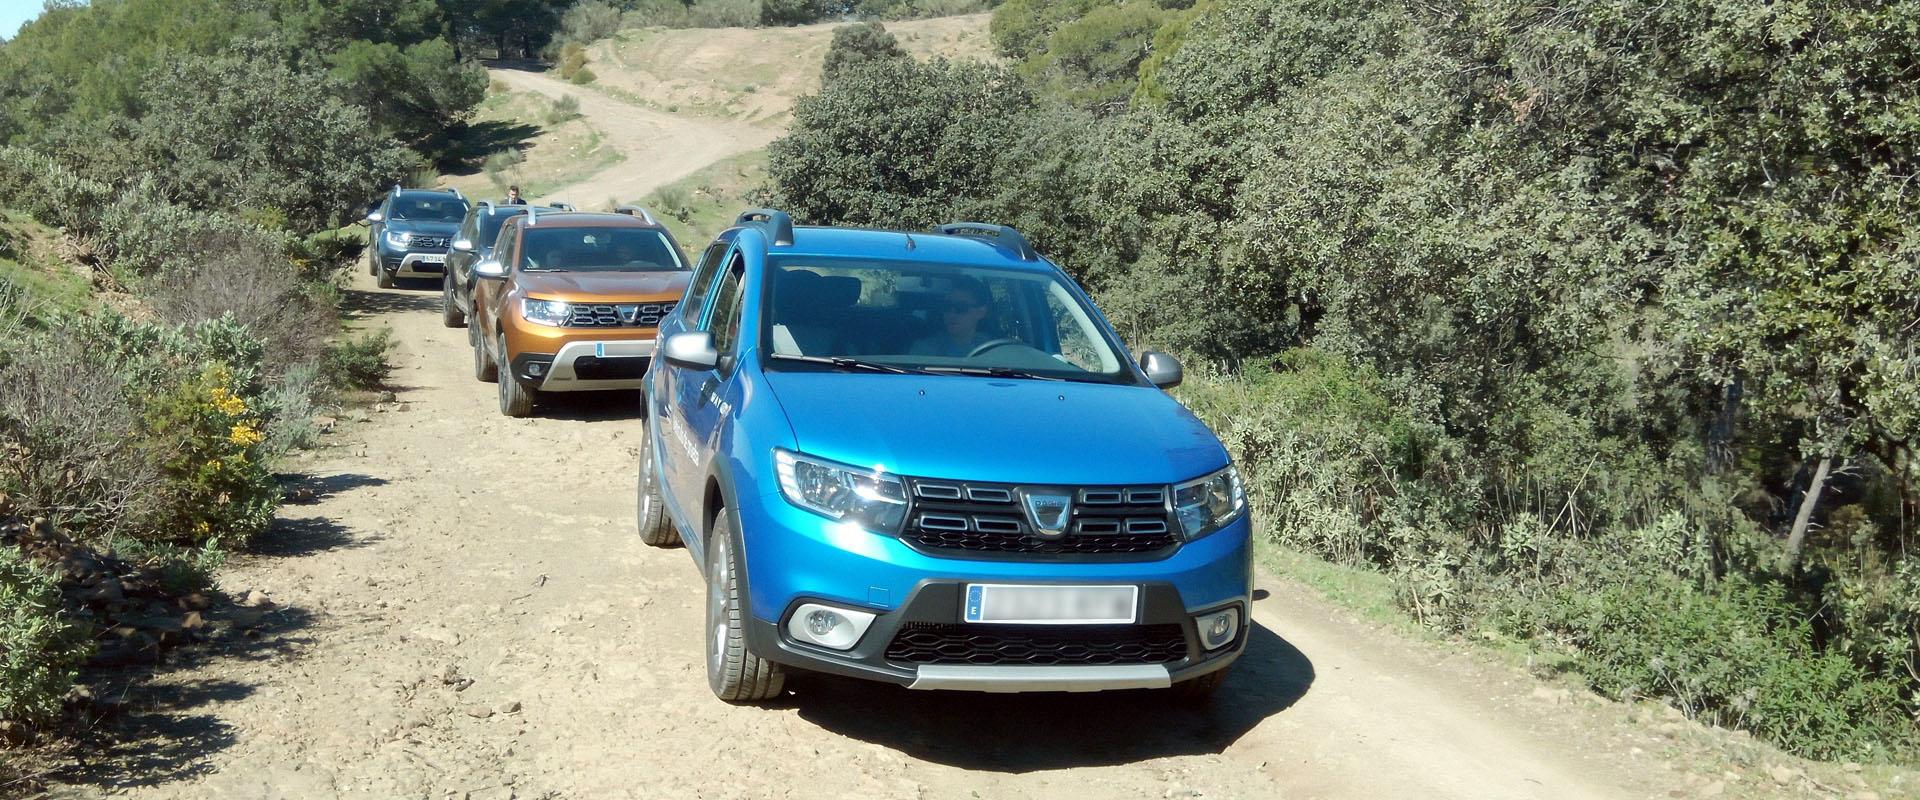 Ruta 4x4 con Dacia.